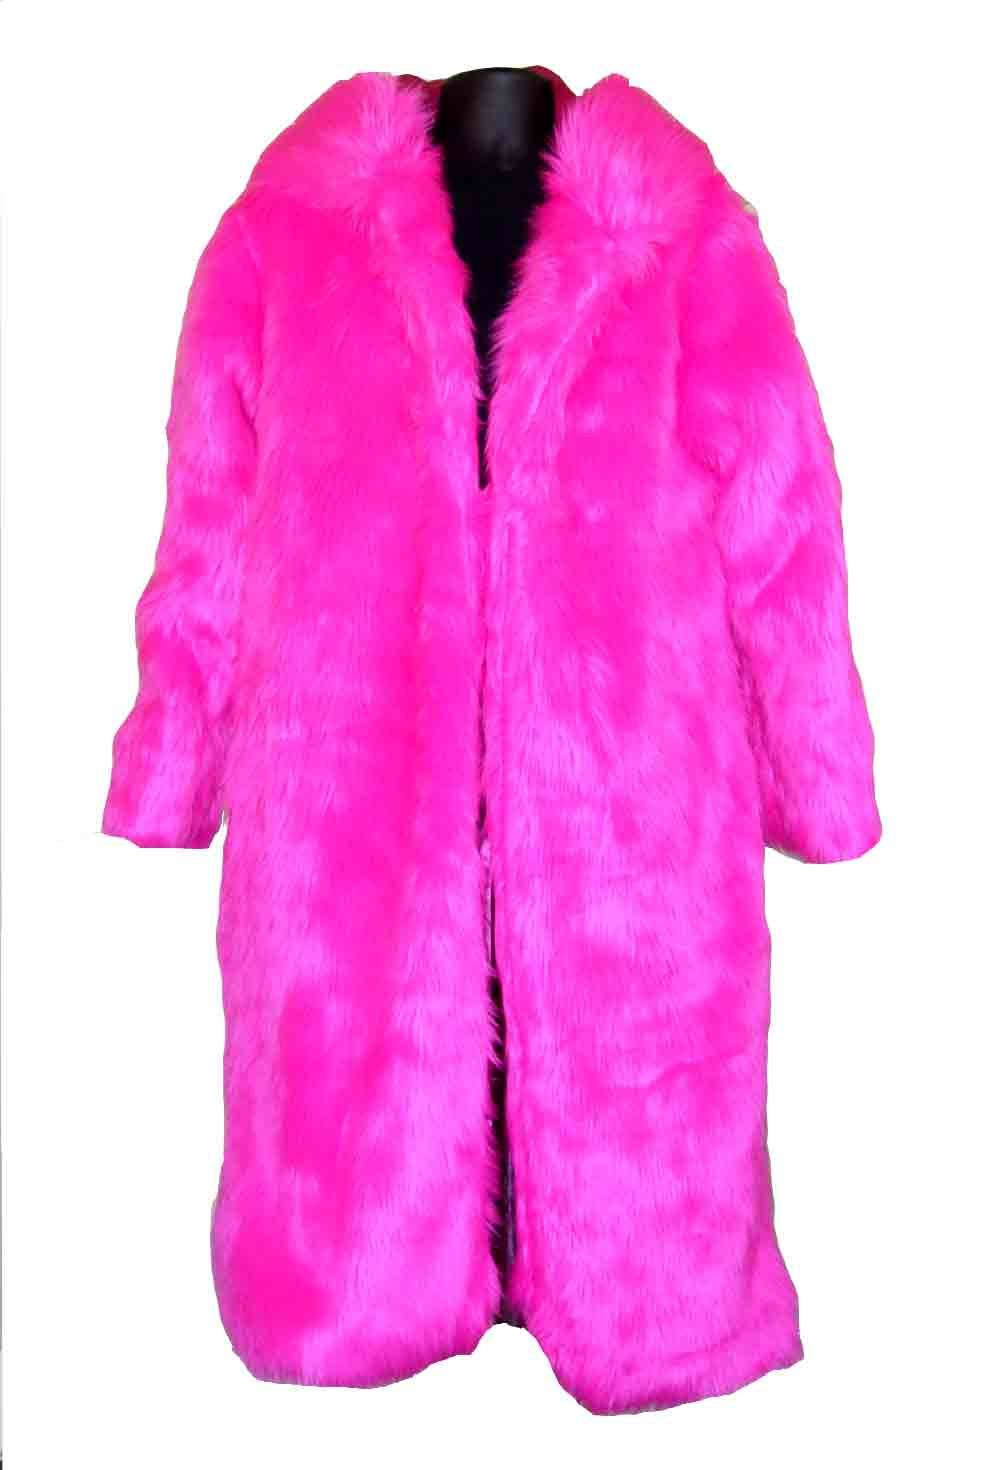 1976607e170 Hot Pink Pimp Coat